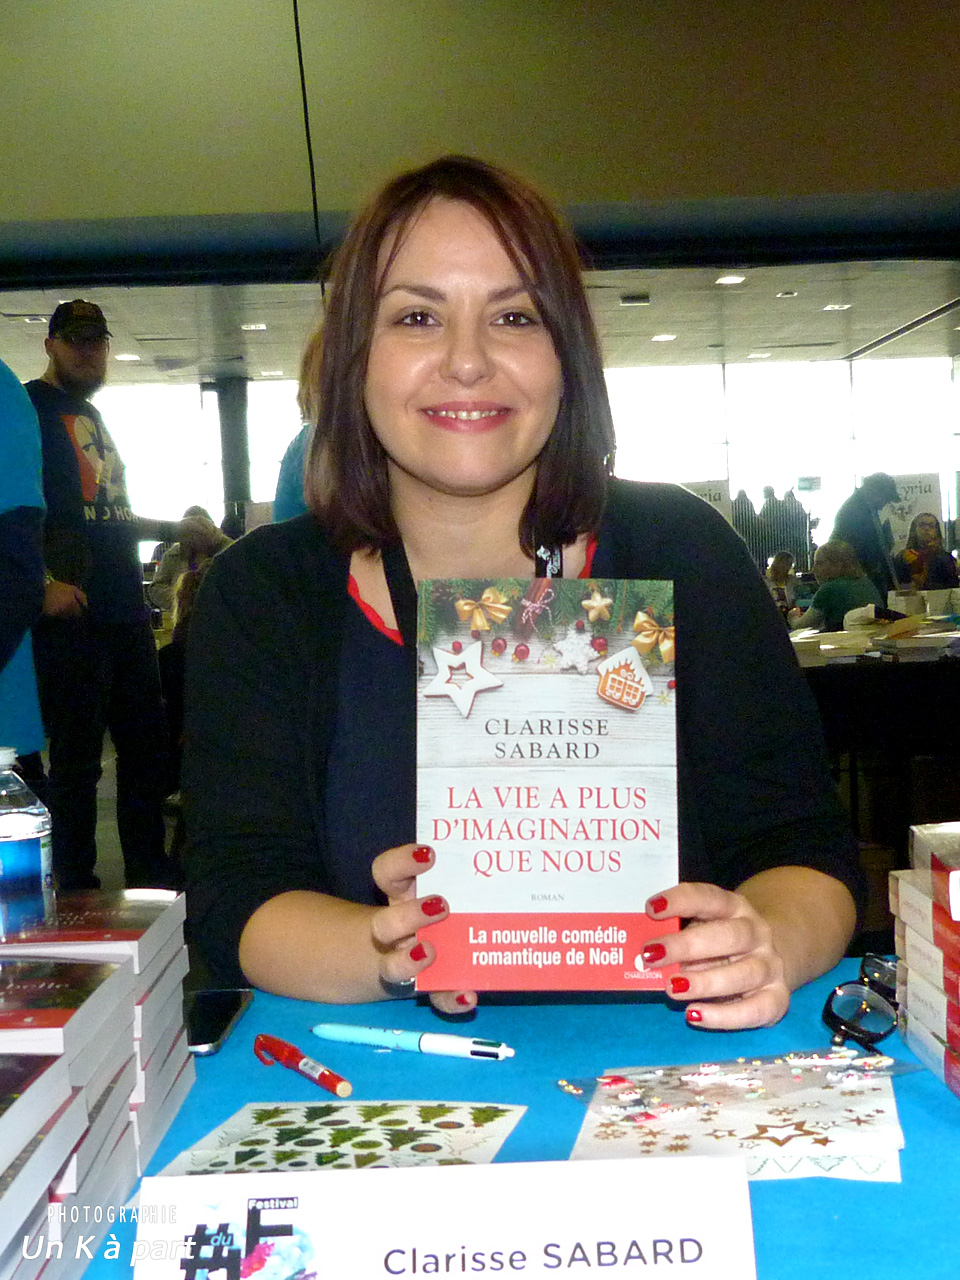 Festival du livre romantique Clarisse Sabard